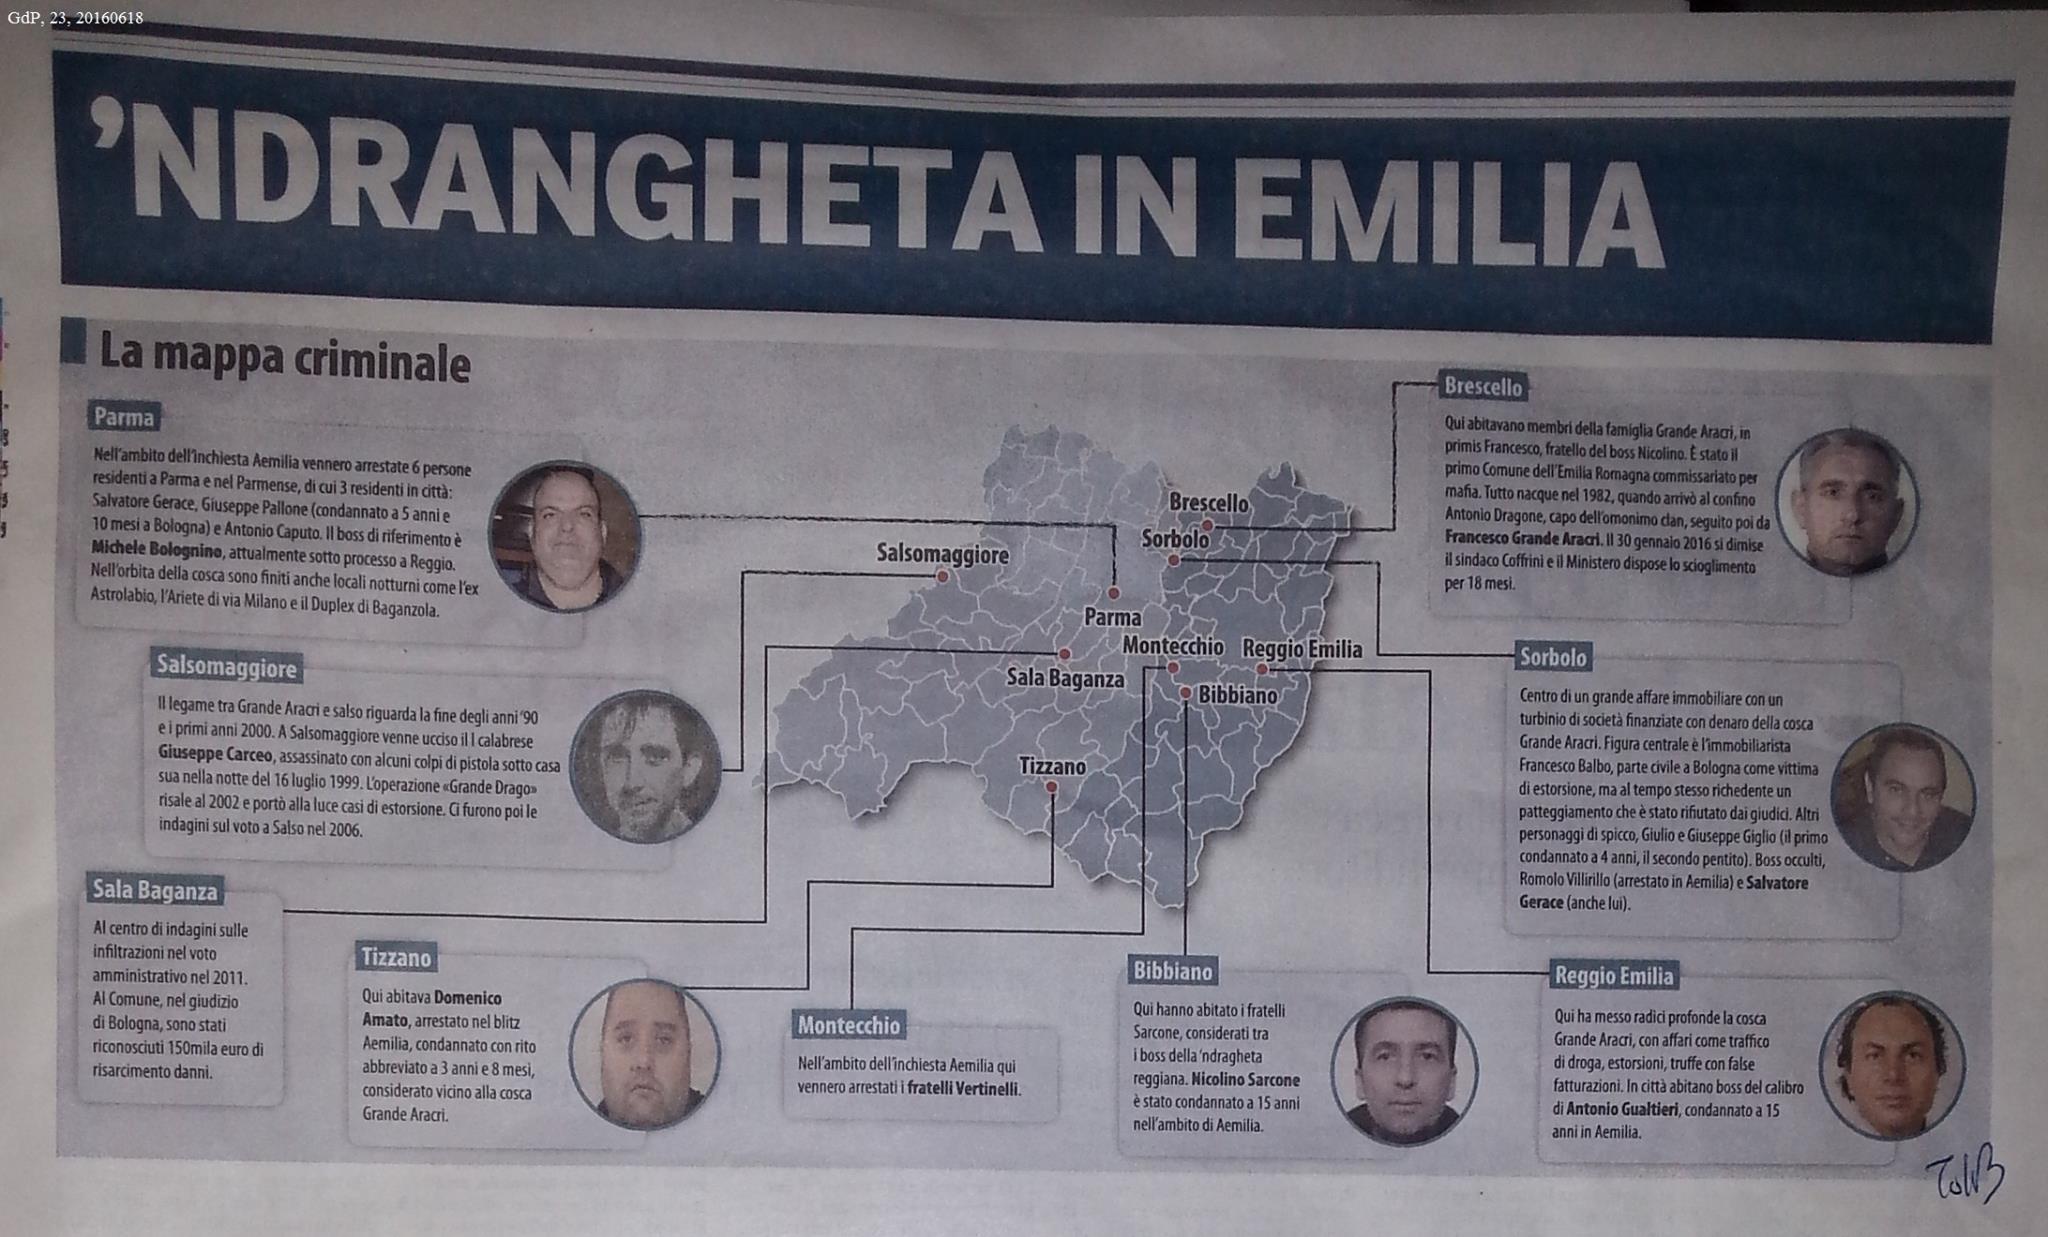 La 'Ndrangheta in ER